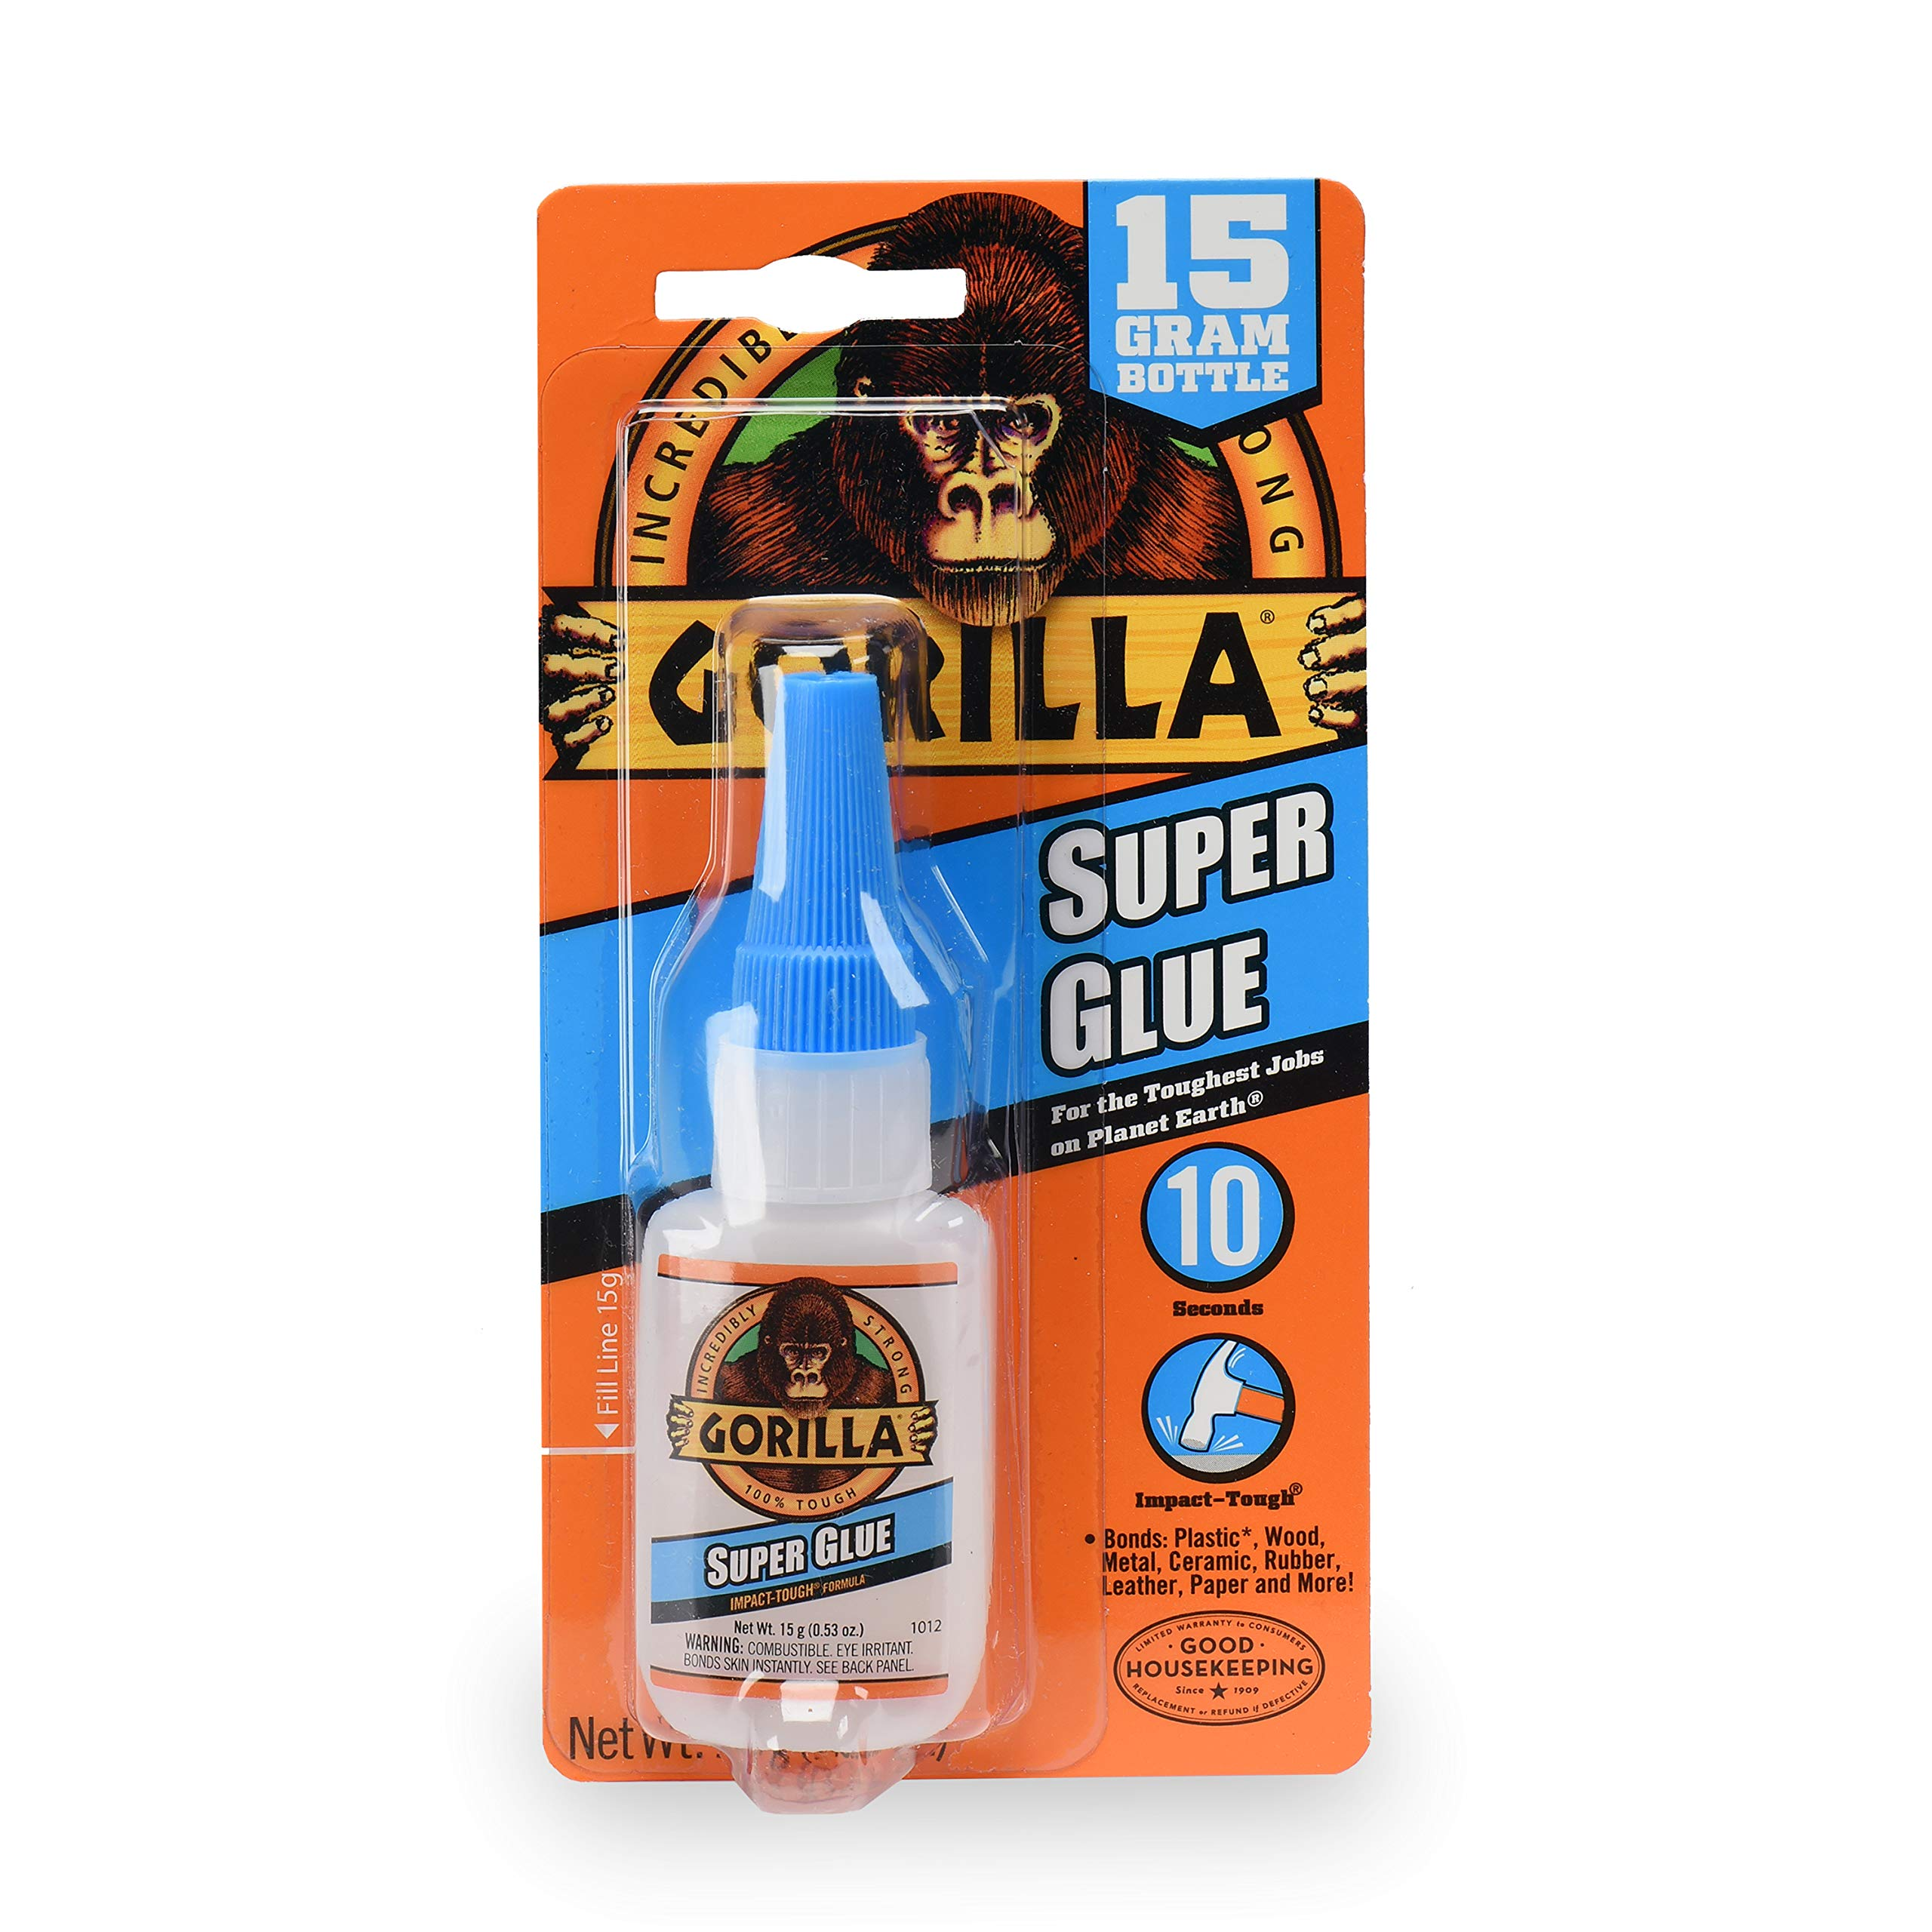 Gorilla Super Glue 15 G 1 Pack Versatile Bonds Plastic